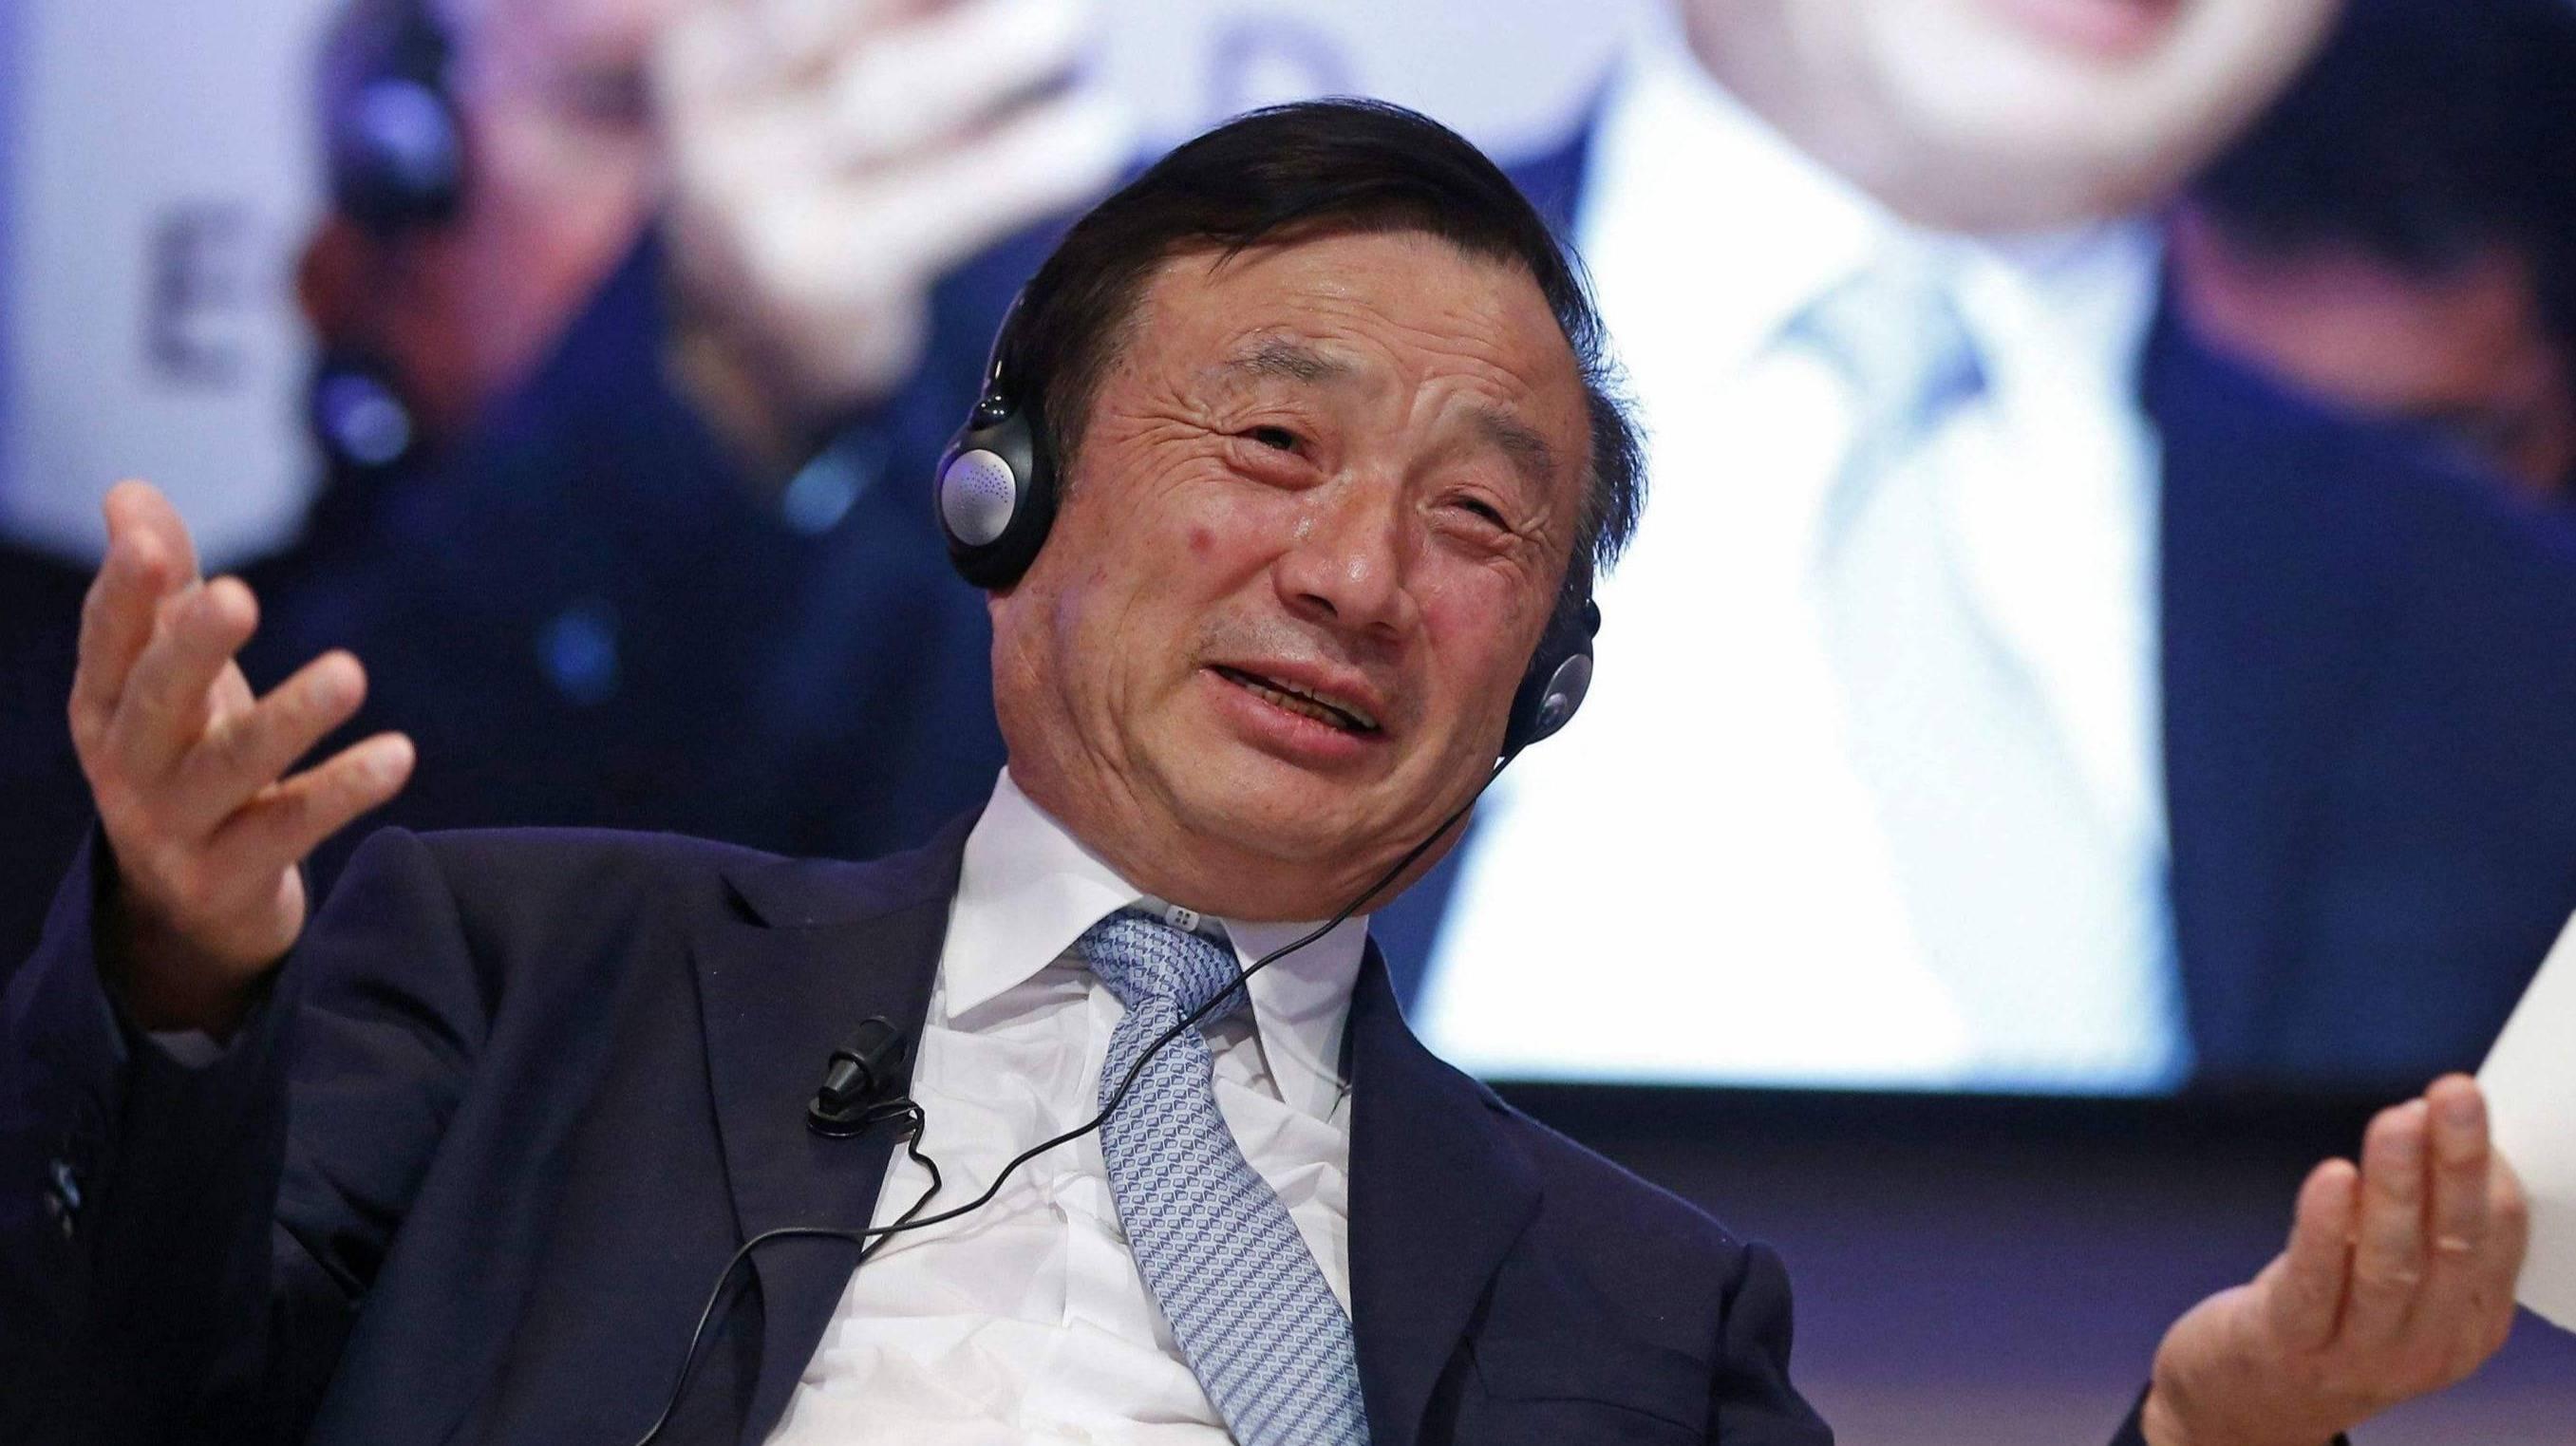 【虎嗅晚报】任正非:未来两年华为或减产300亿美元;字节跳动系产品整体MAU超10亿